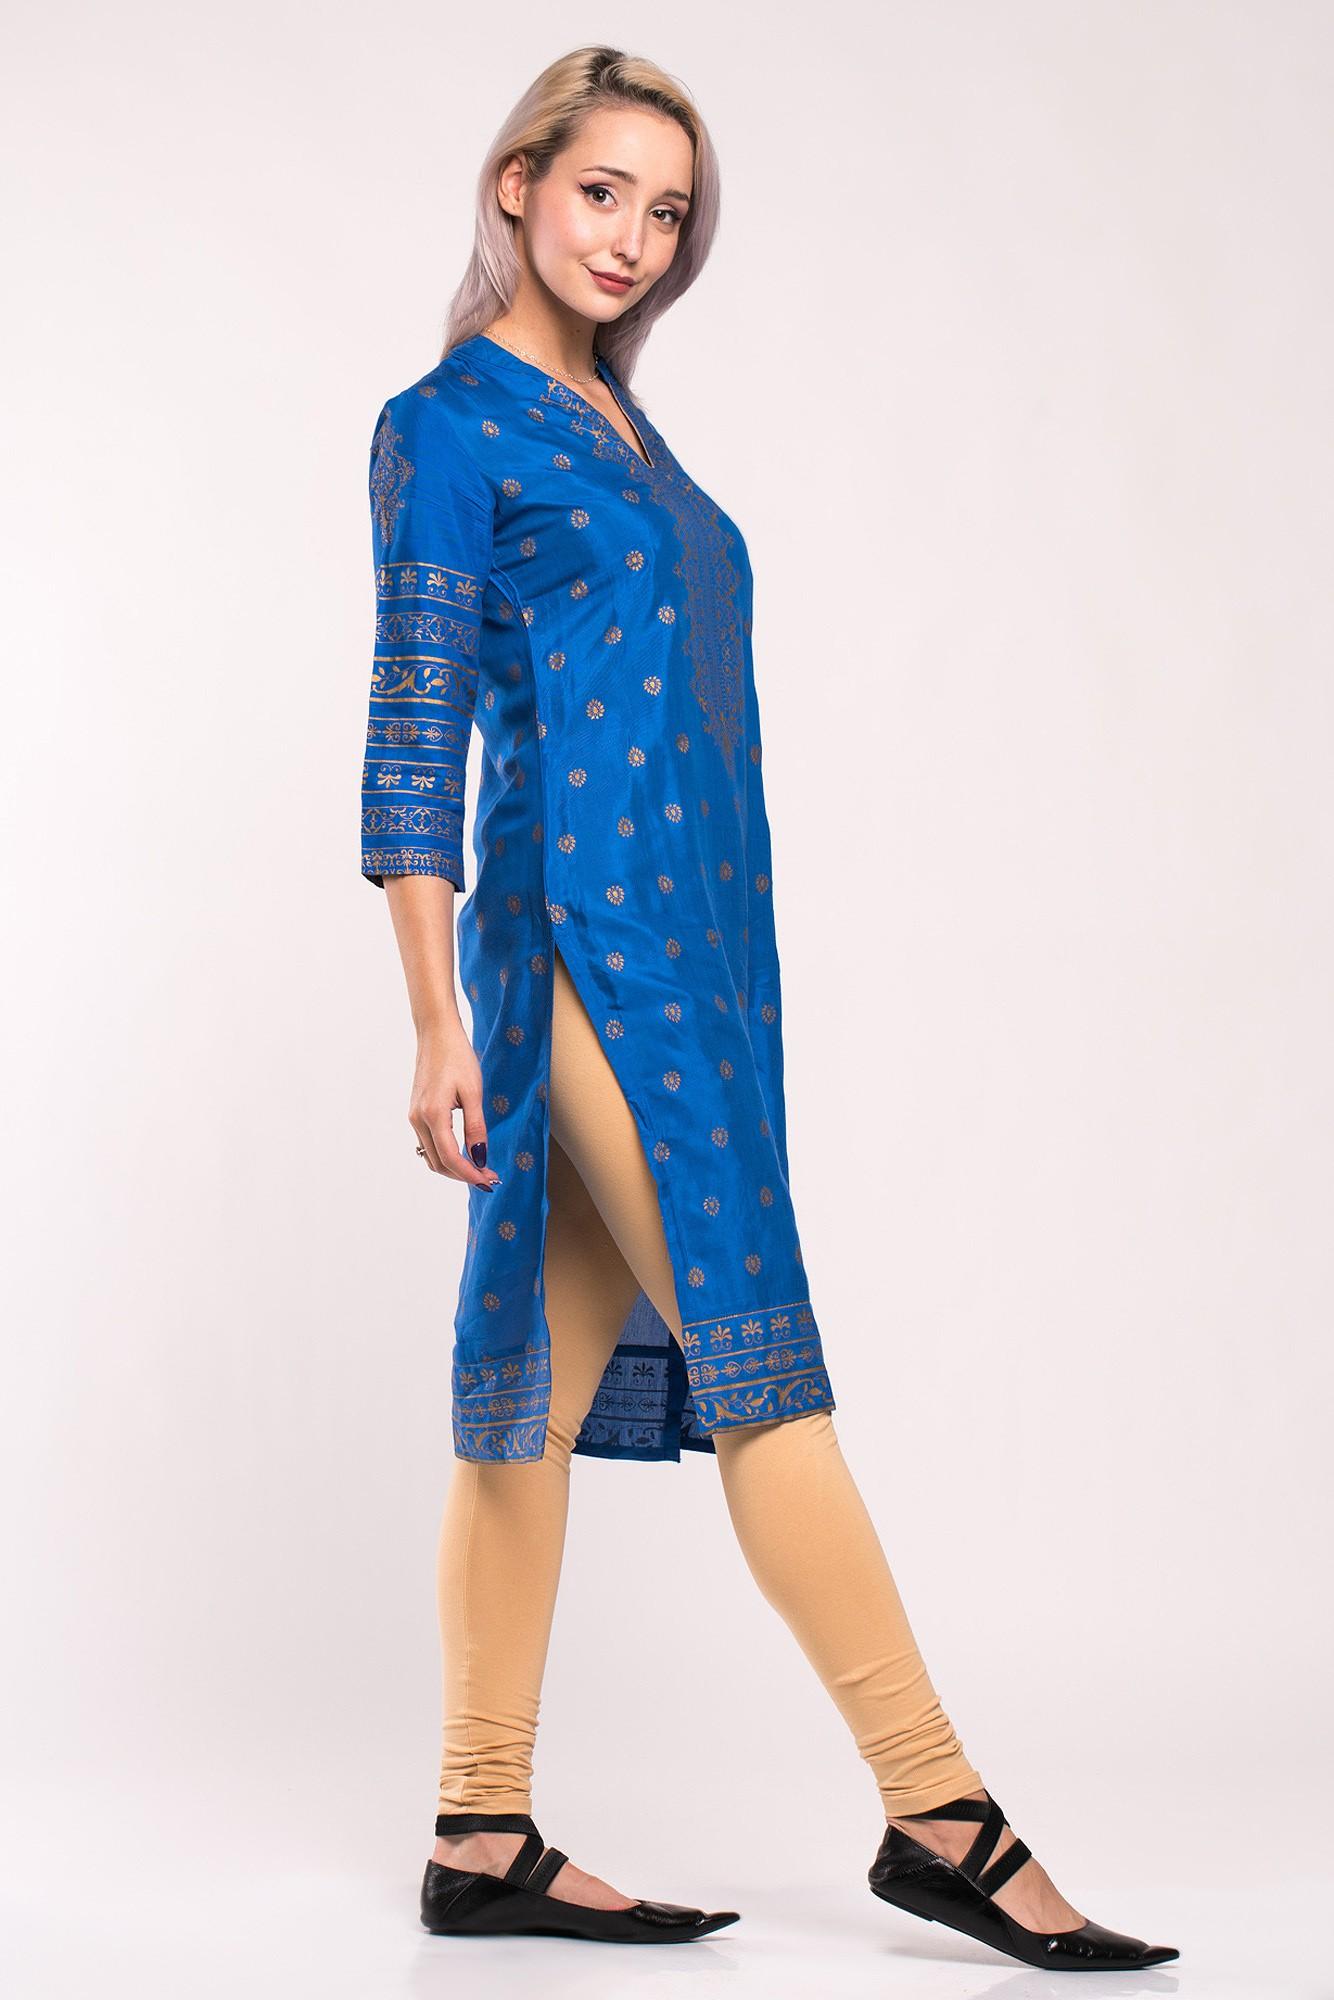 Costum traditional indian cu colanti si tunica albastru/auriu